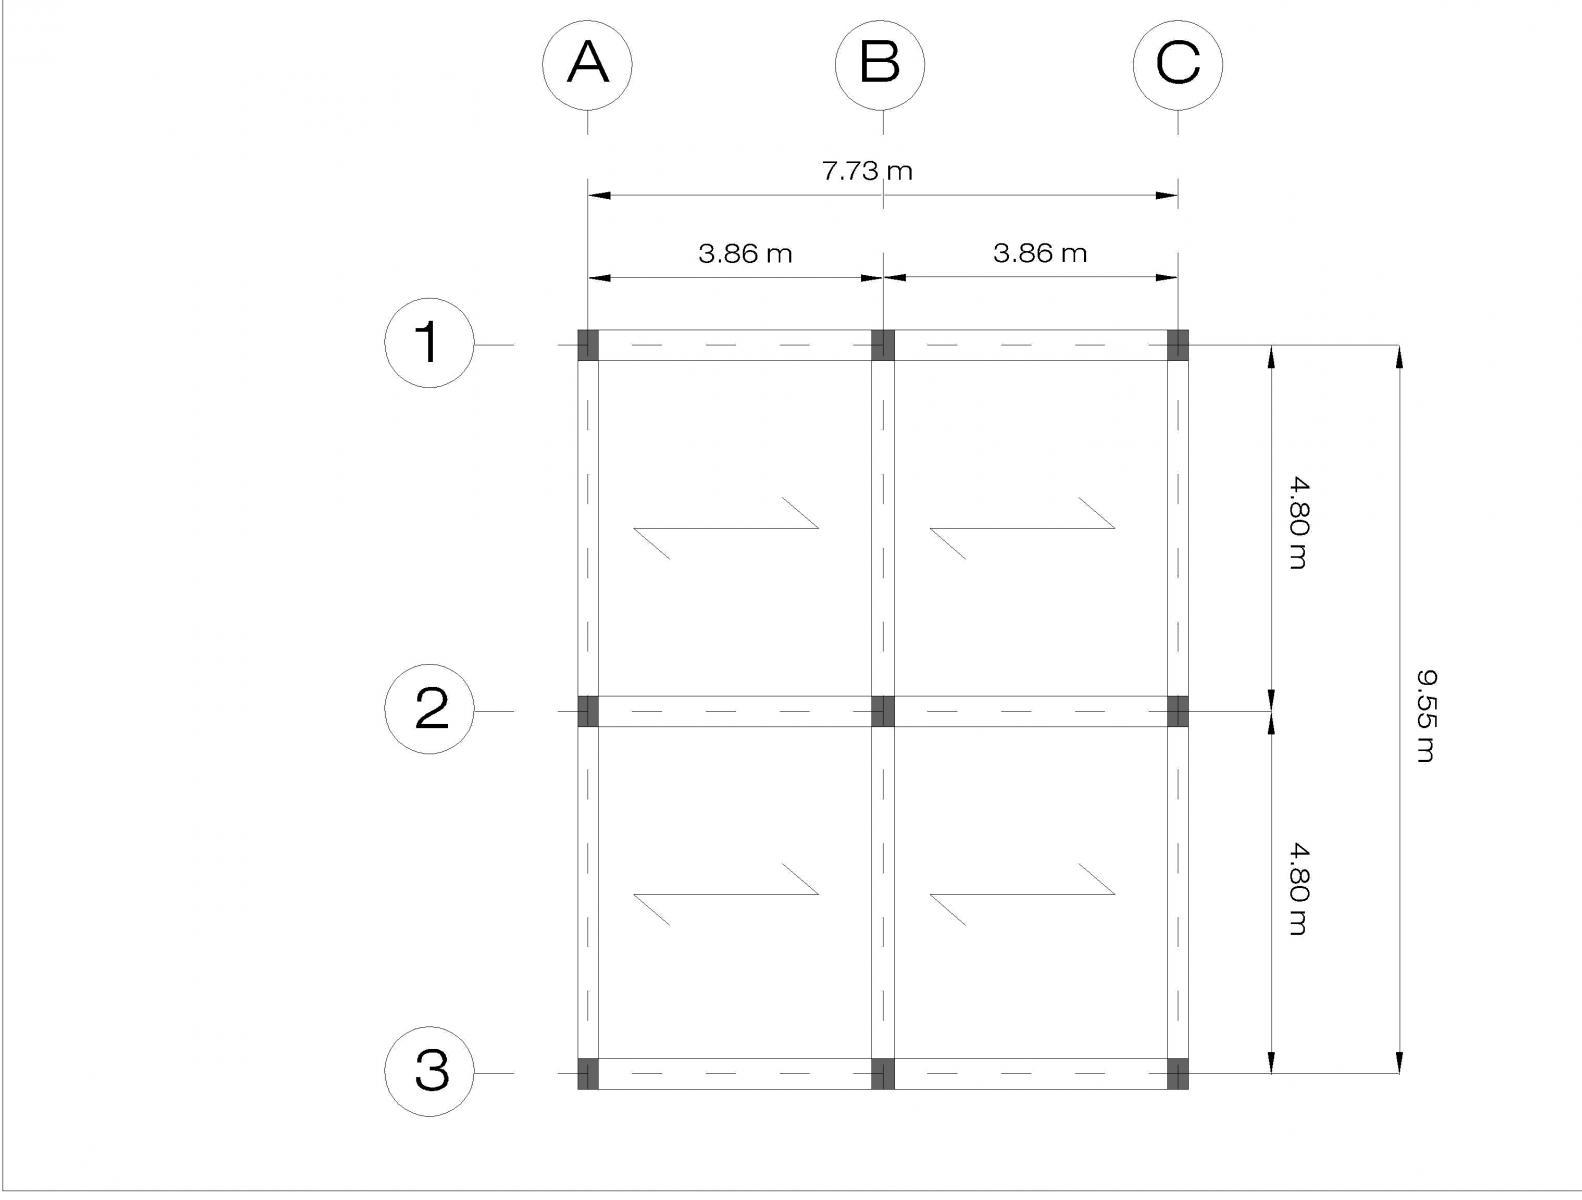 Prima esercitazione travatura reticolare simmetrica for Software di progettazione domestica di piano terra